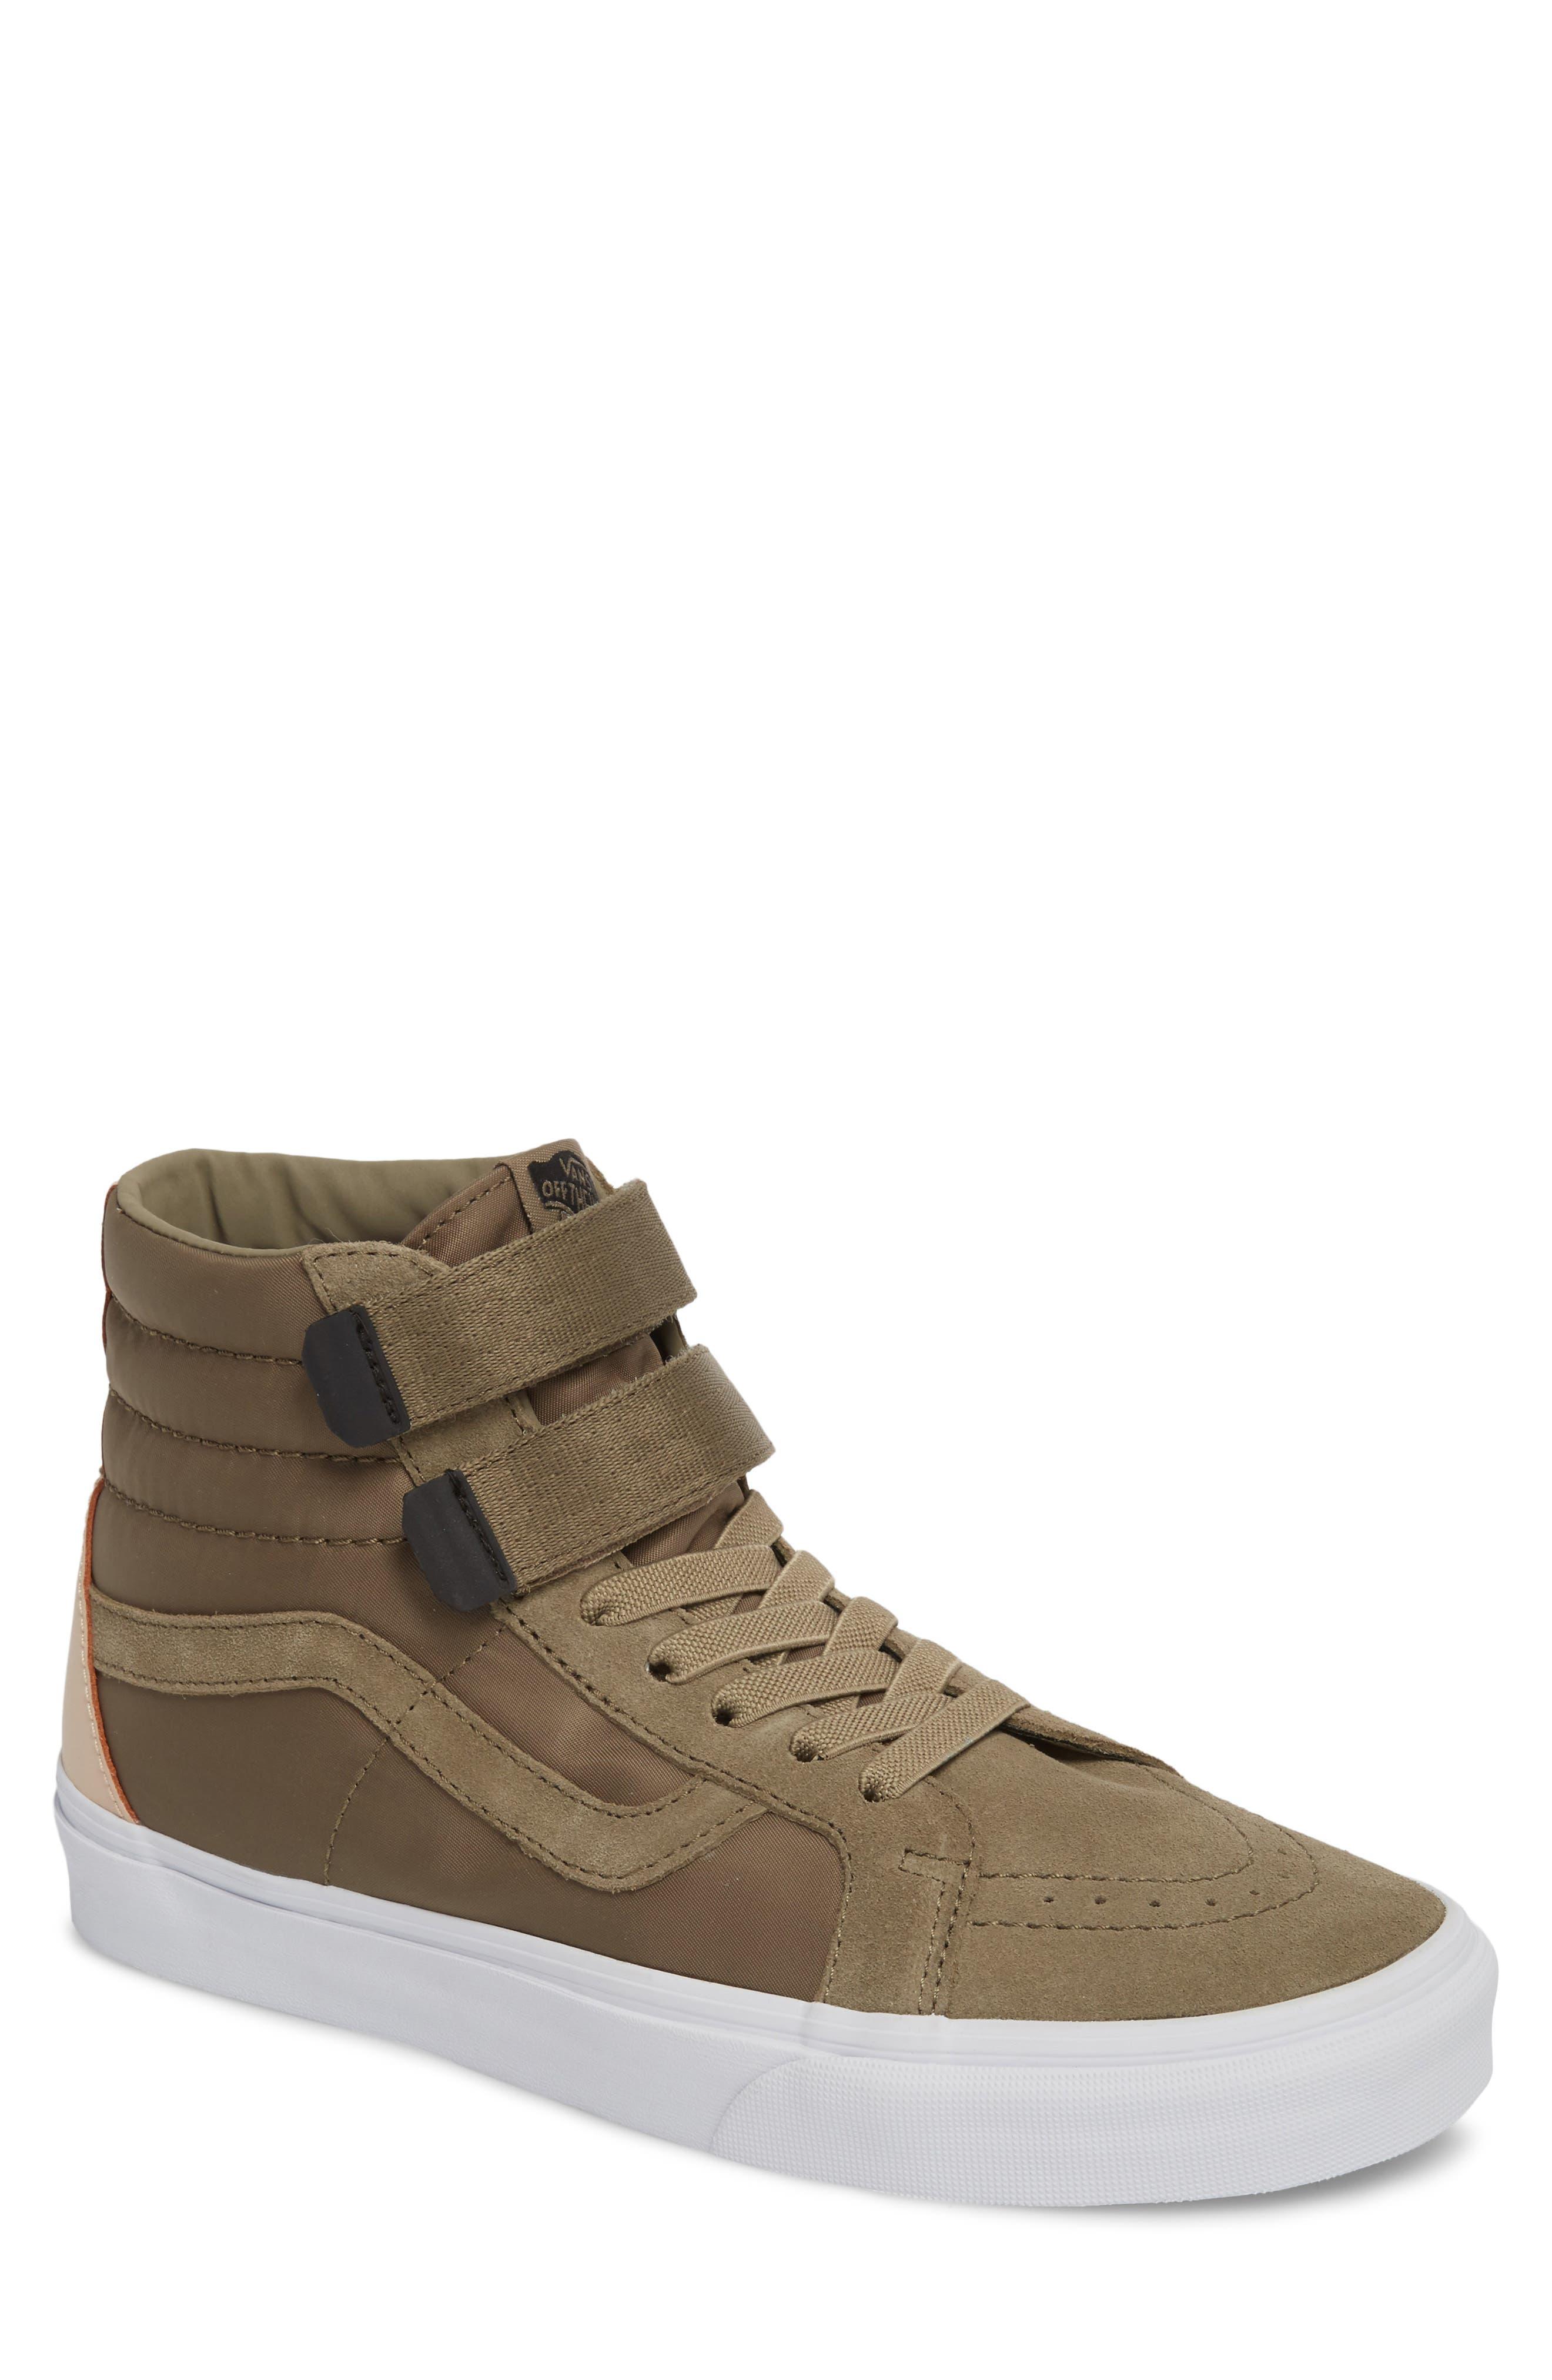 Sk8-Hi Reissue V Sneaker,                             Main thumbnail 1, color,                             Dusky Green Leather